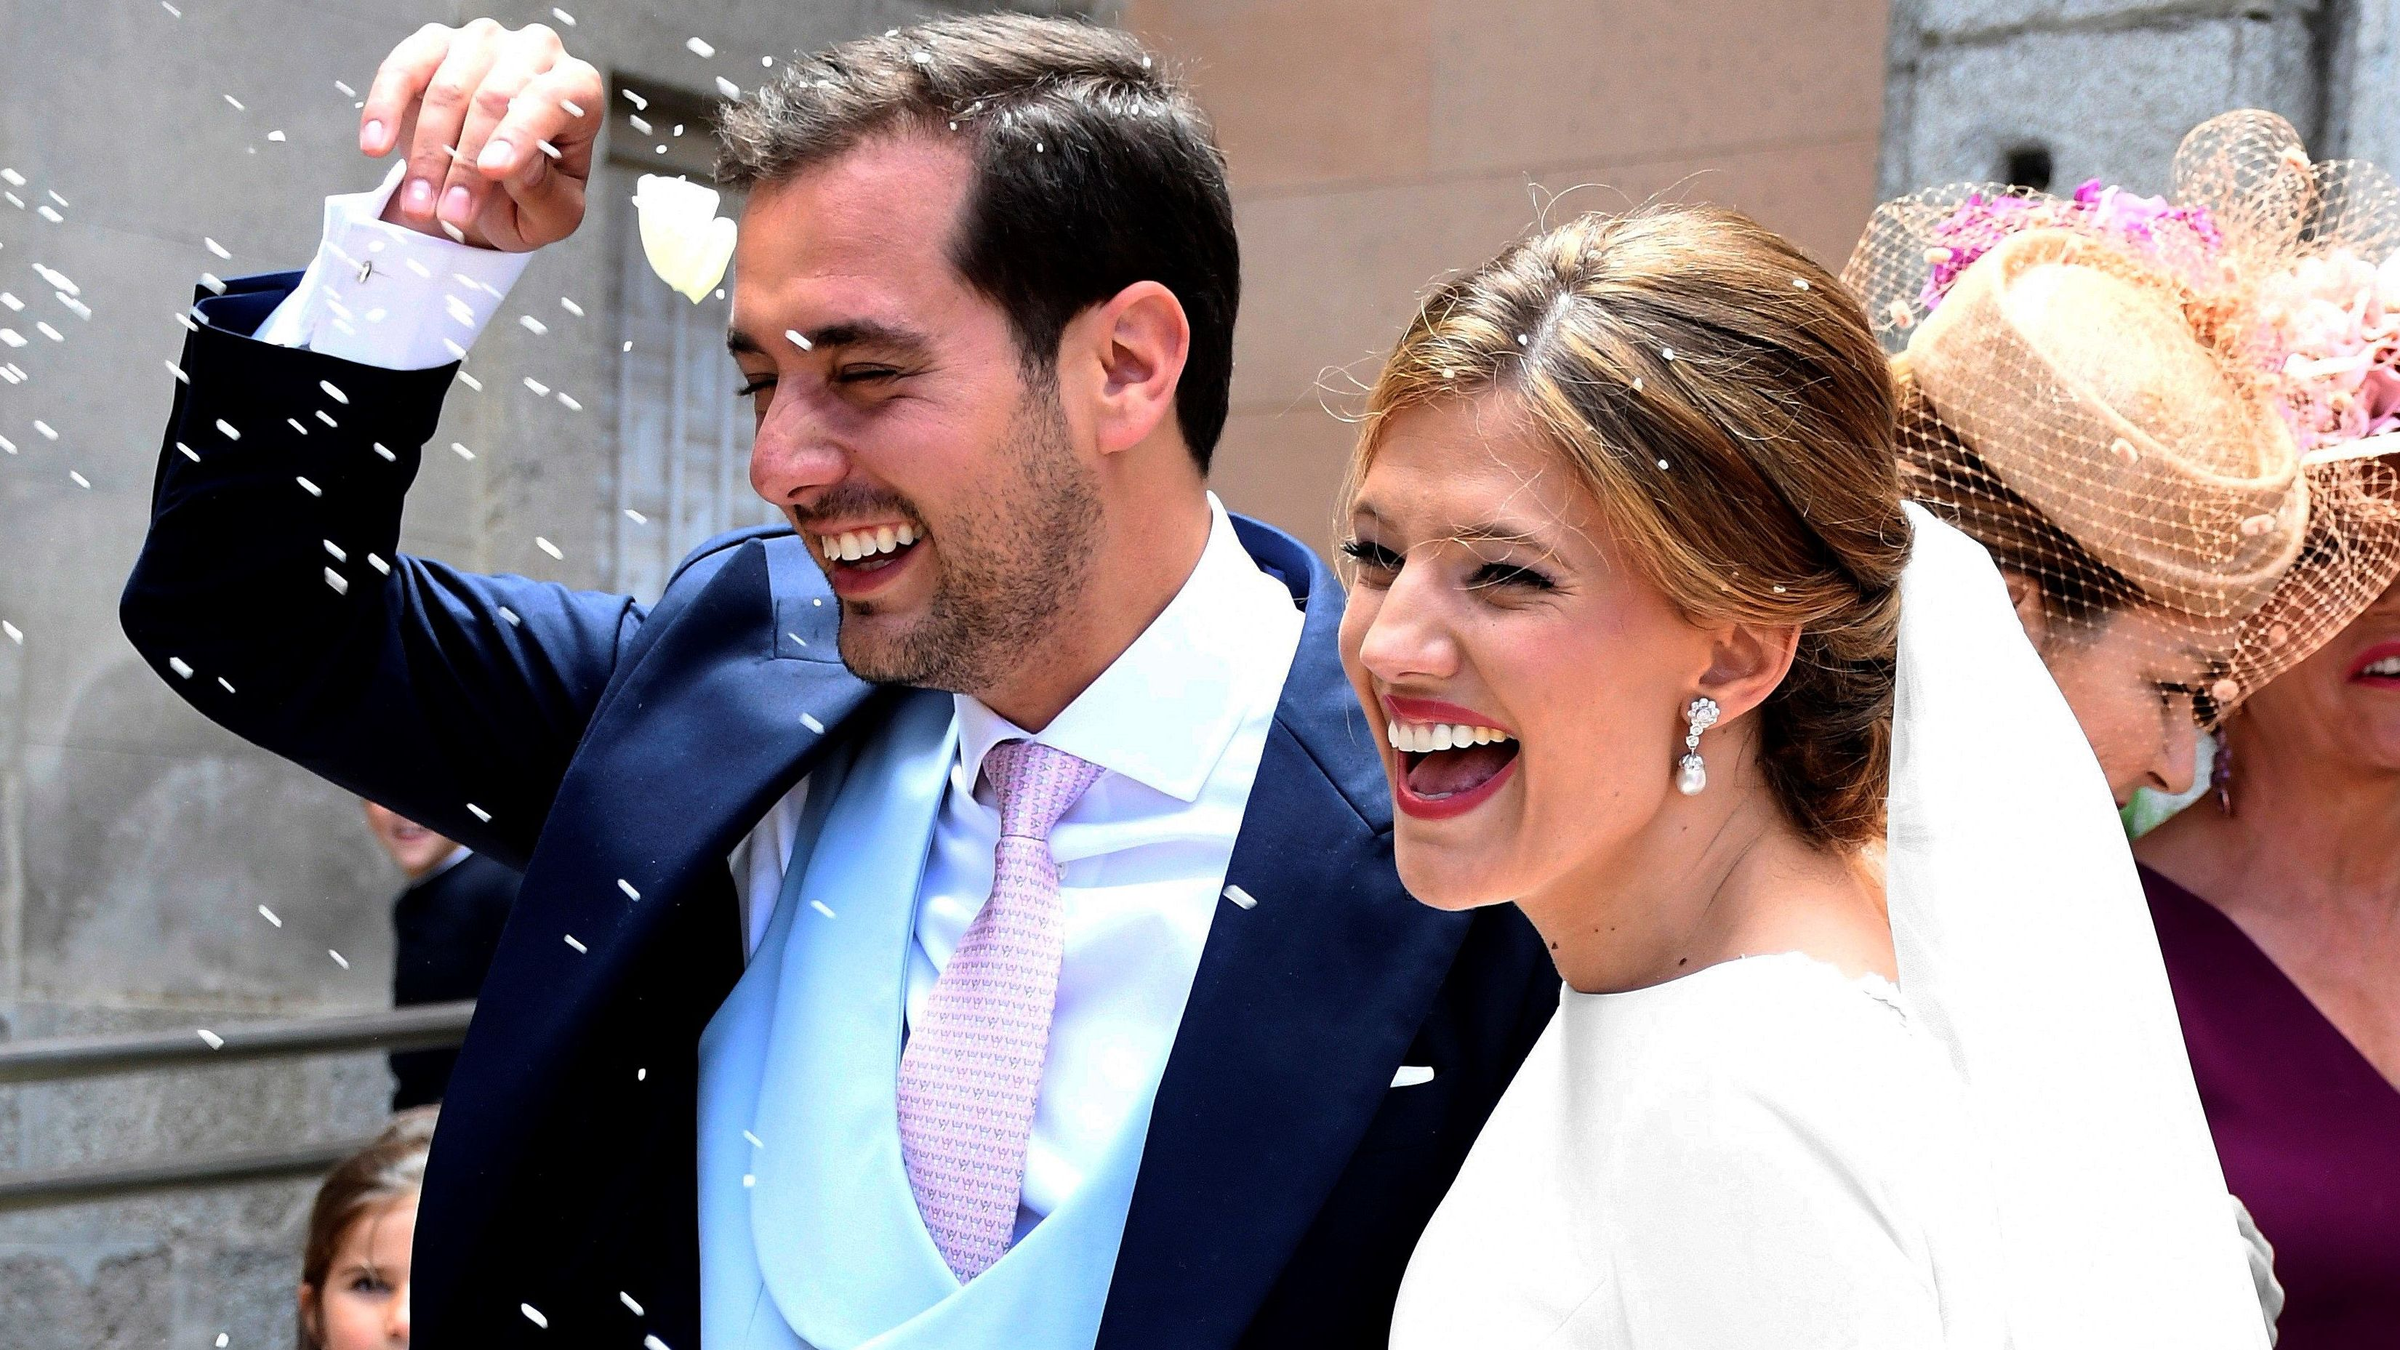 Una joya escondida en la provincia de Lugo.El candidato del PP a la alcaldía de Segovia, Pablo Pérez, se ha casado en la jornada de reflexión